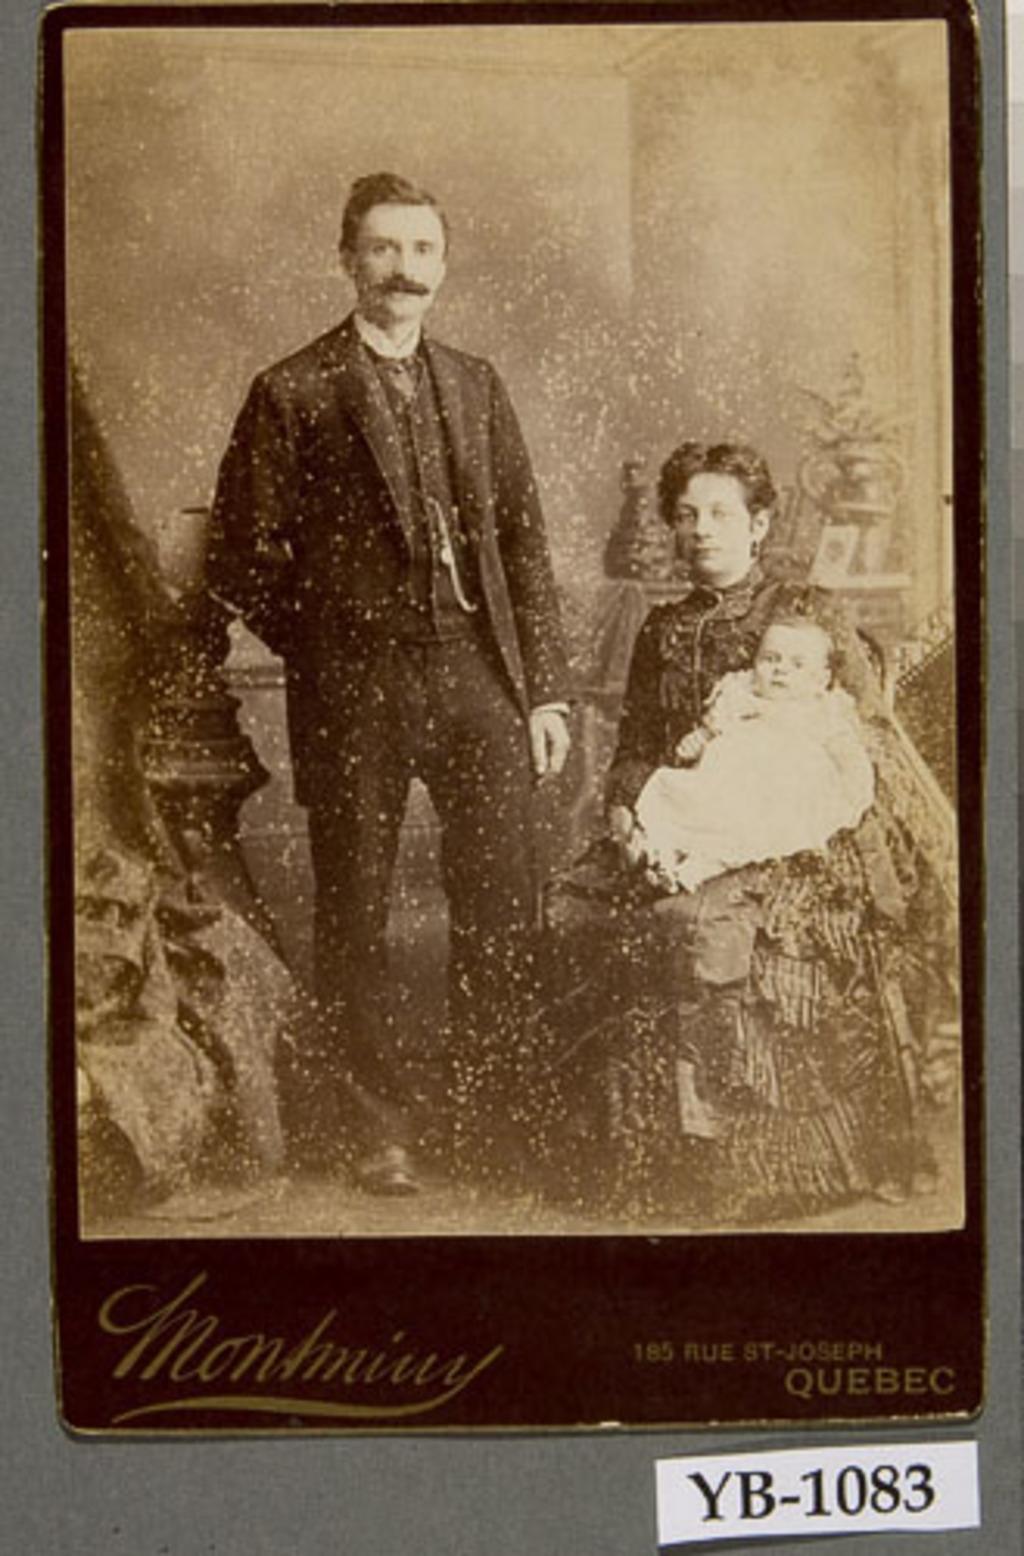 Michel Gauvin et son épouse, née Leda Rousseau, et leur bébé